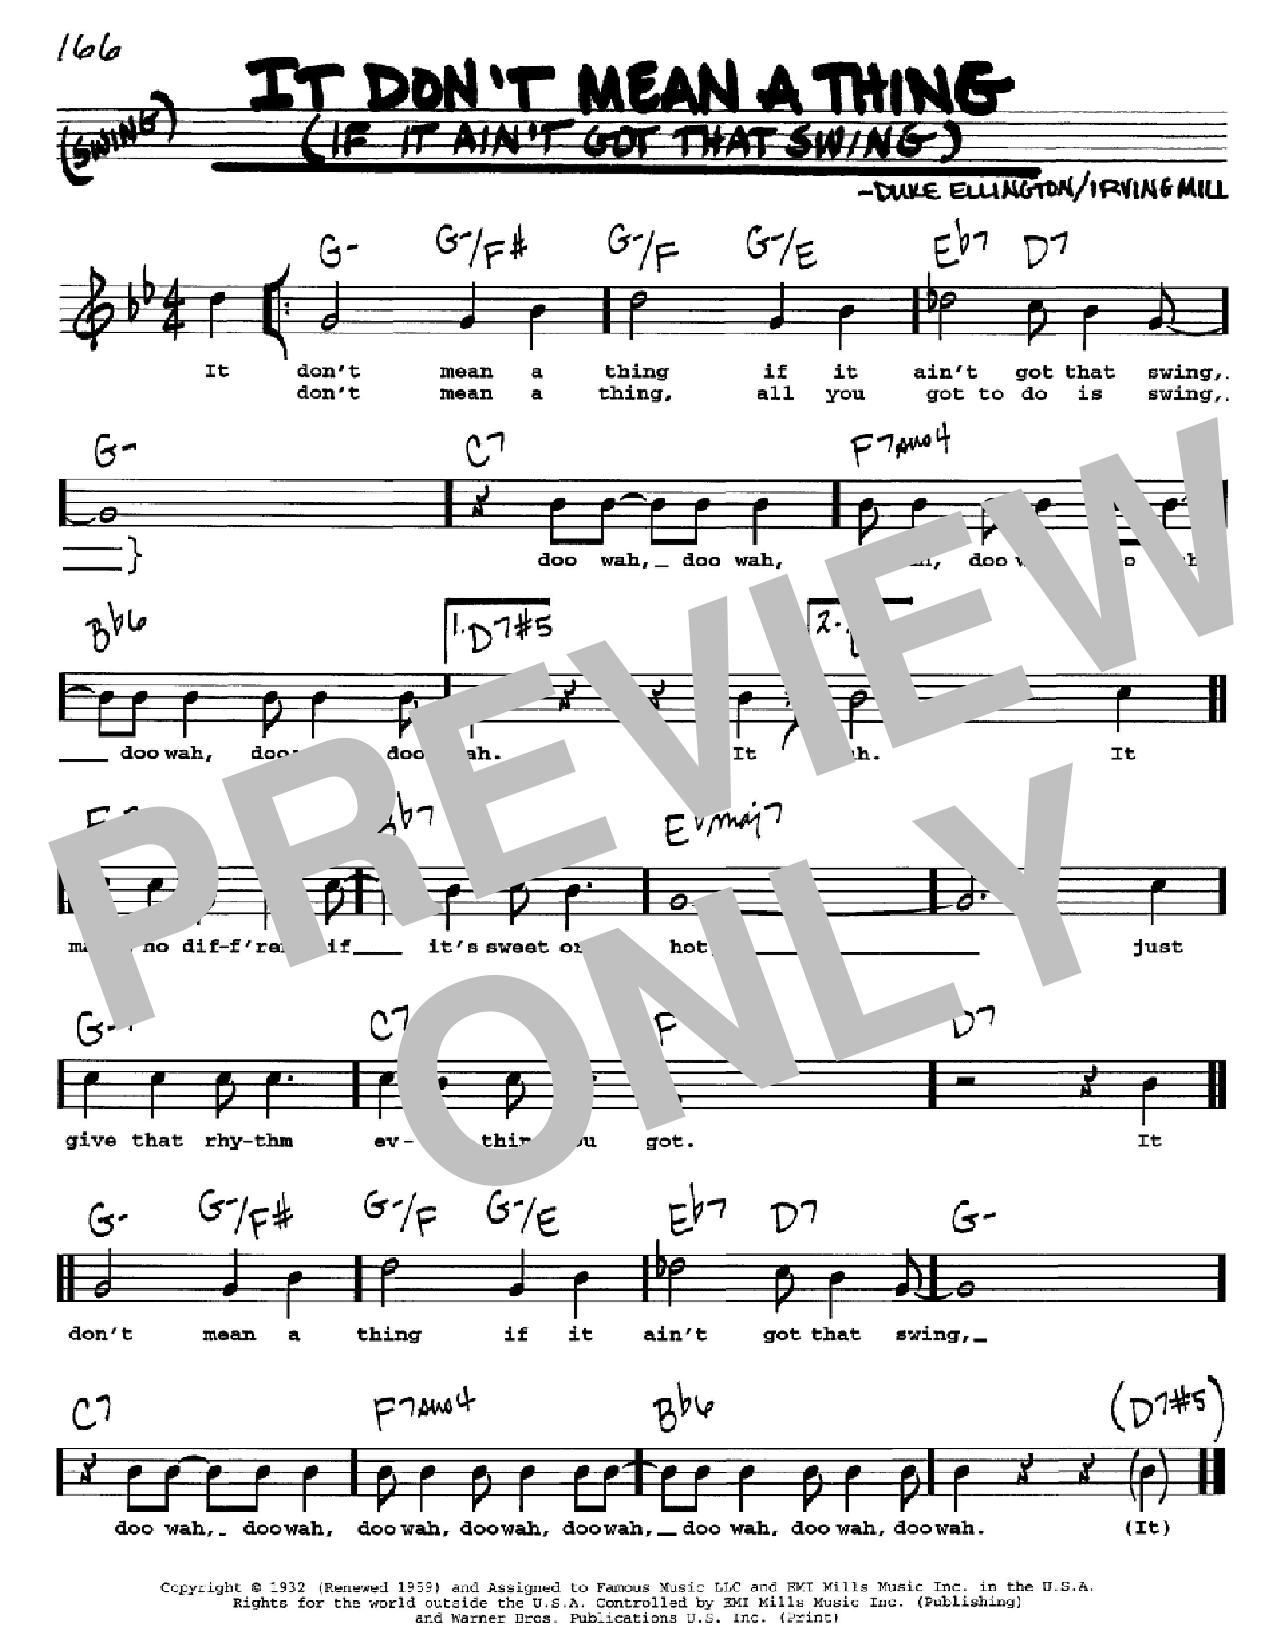 Partition autre It Don't Mean A Thing (If It Ain't Got That Swing) de Duke Ellington - Real Book, Melodie, Paroles et Accords, Inst. En Do